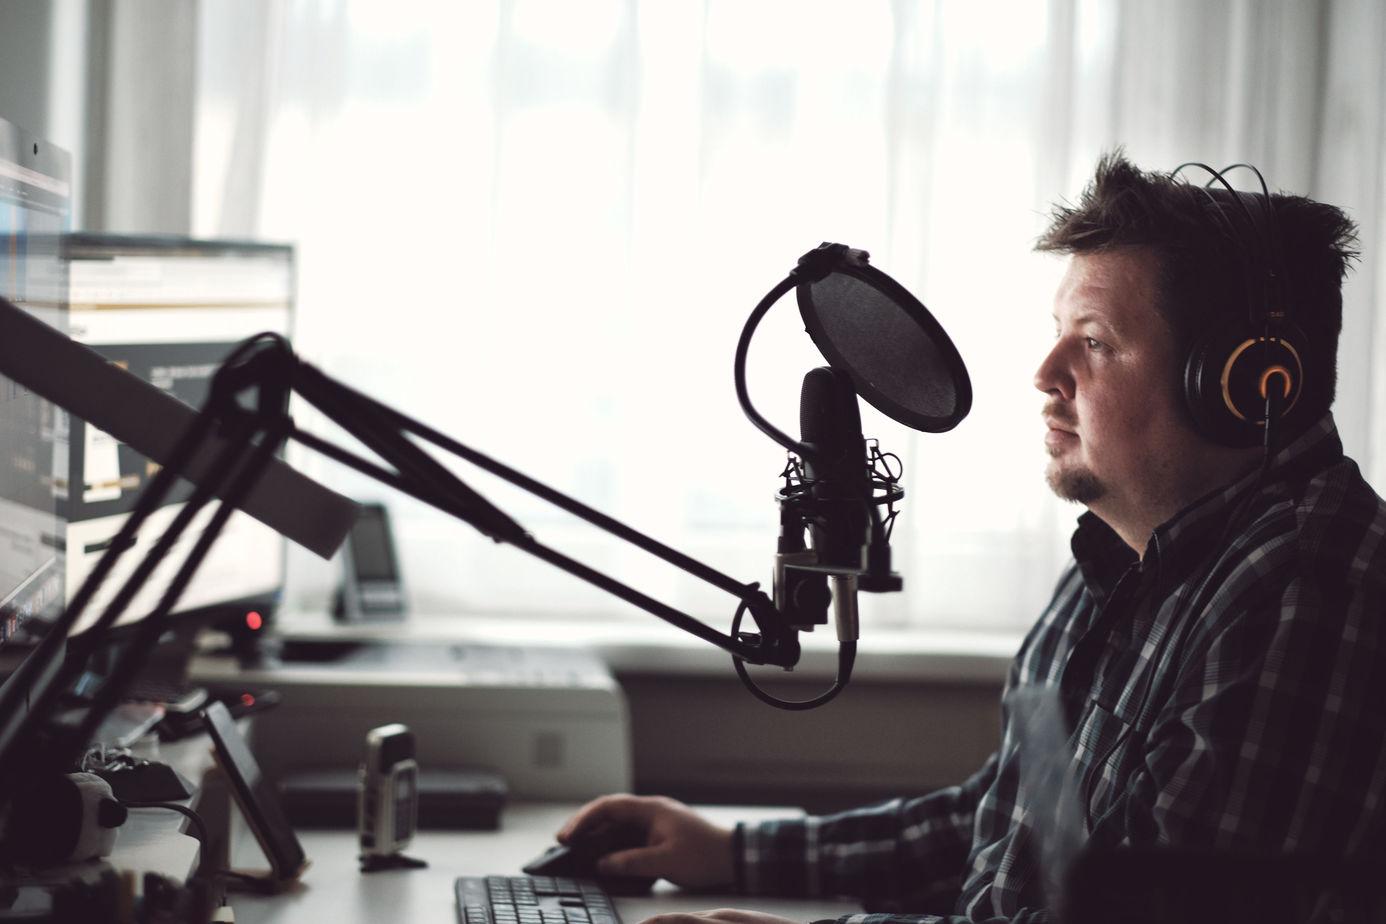 Wie können Podcasts dabei helfen Beziehungen und Netzwerke aufzubauen?